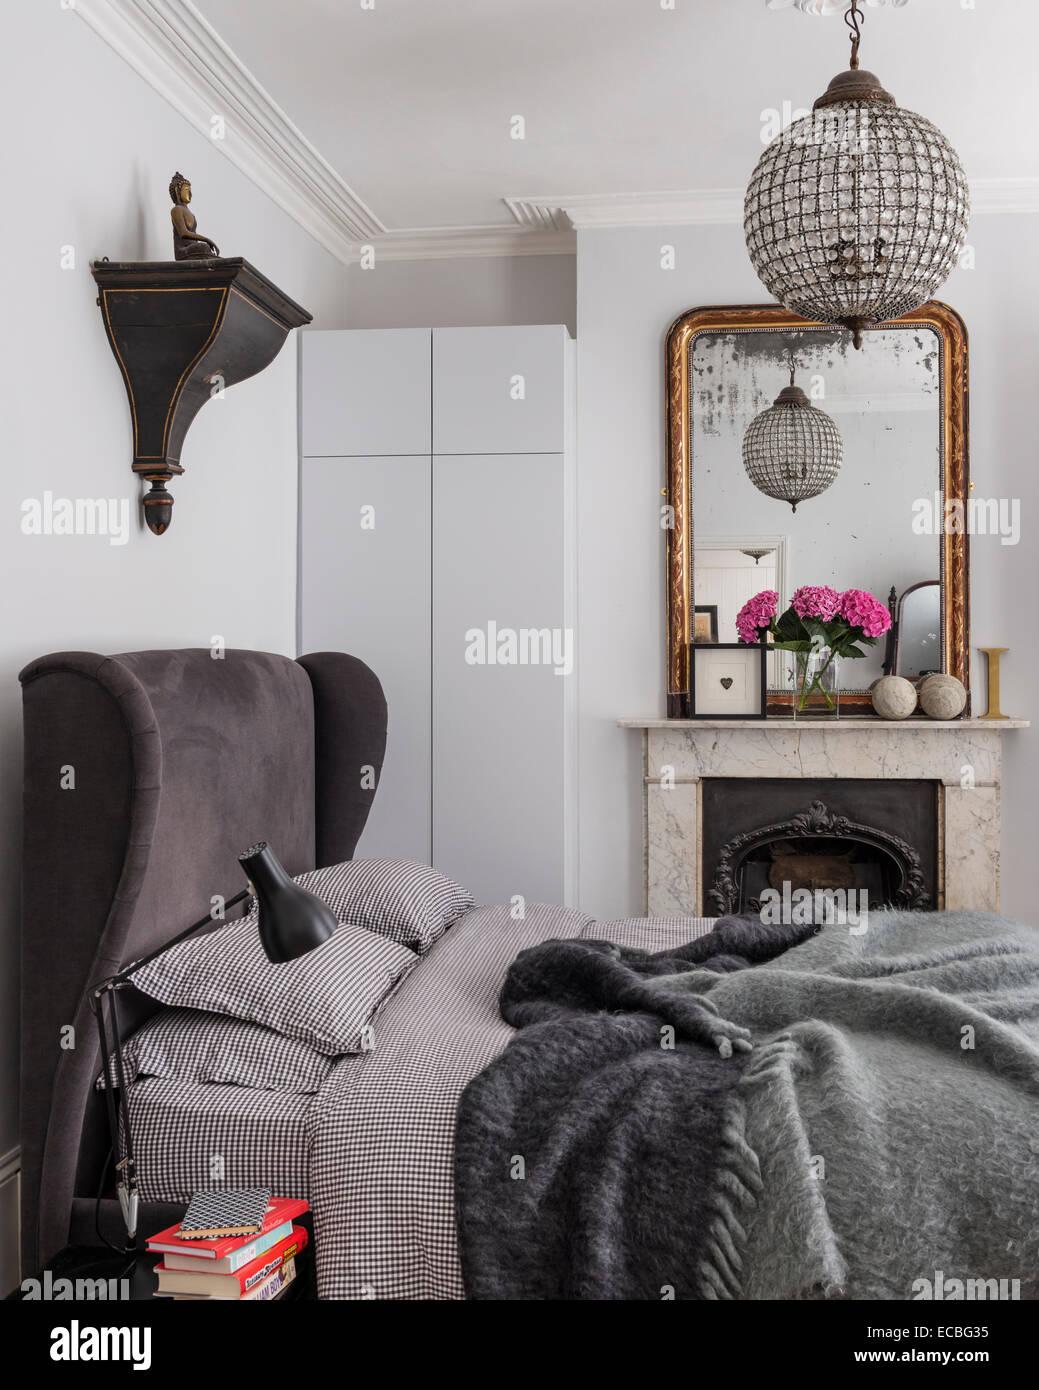 Luxus gepolsterten Bett vom Bridgepoint im Schlafzimmer mit Kamin, eingebauten Speicher und Schuld gerahmten Spiegel. Stockbild